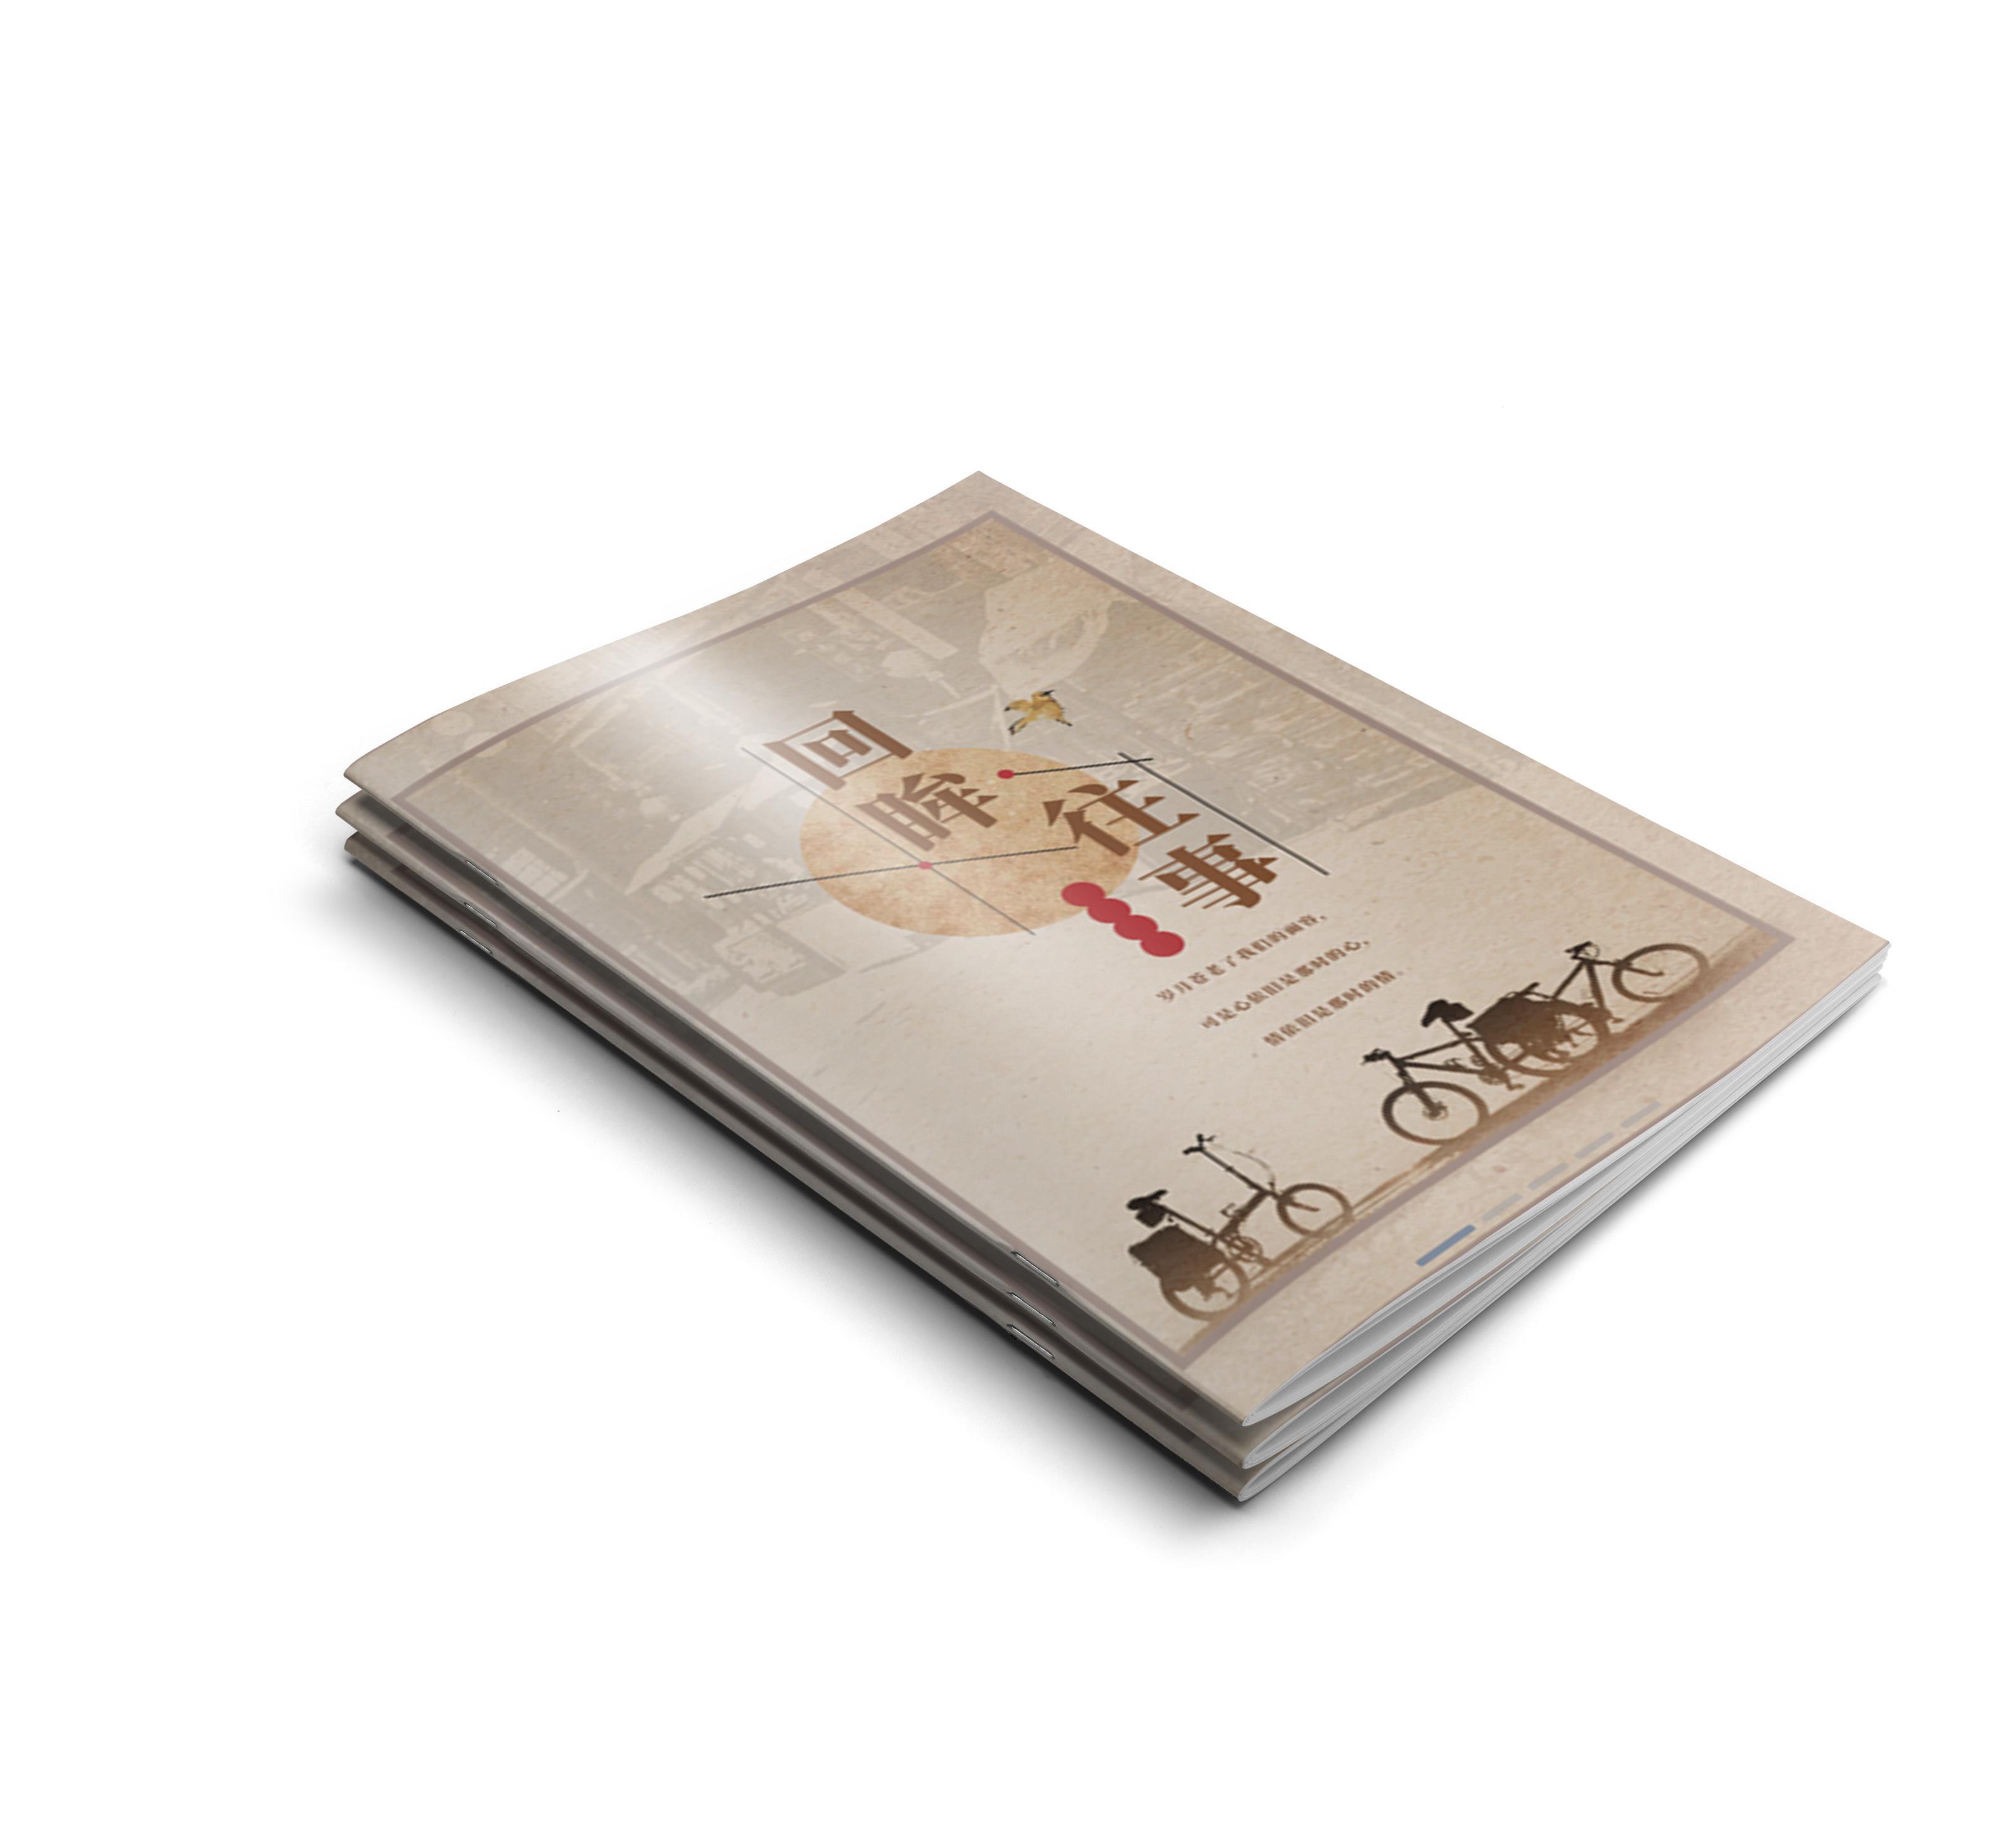 定制老年人回忆录 经典杂志册 老年人纪念册 DIY照片书